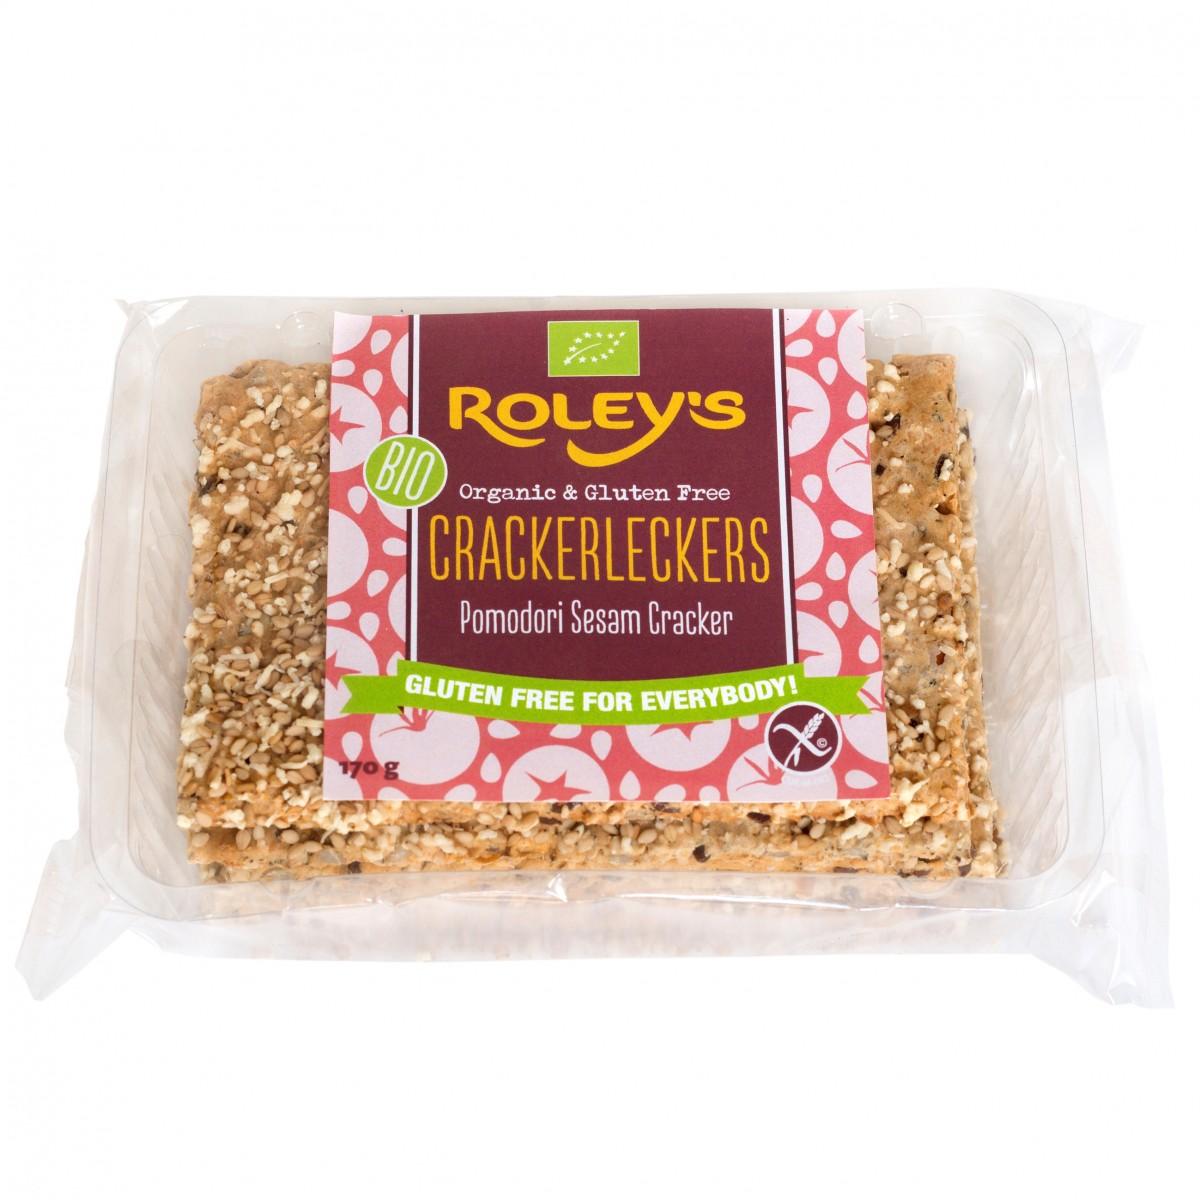 Crackers Pomodori Sesam (T.H.T. 07-02-19)